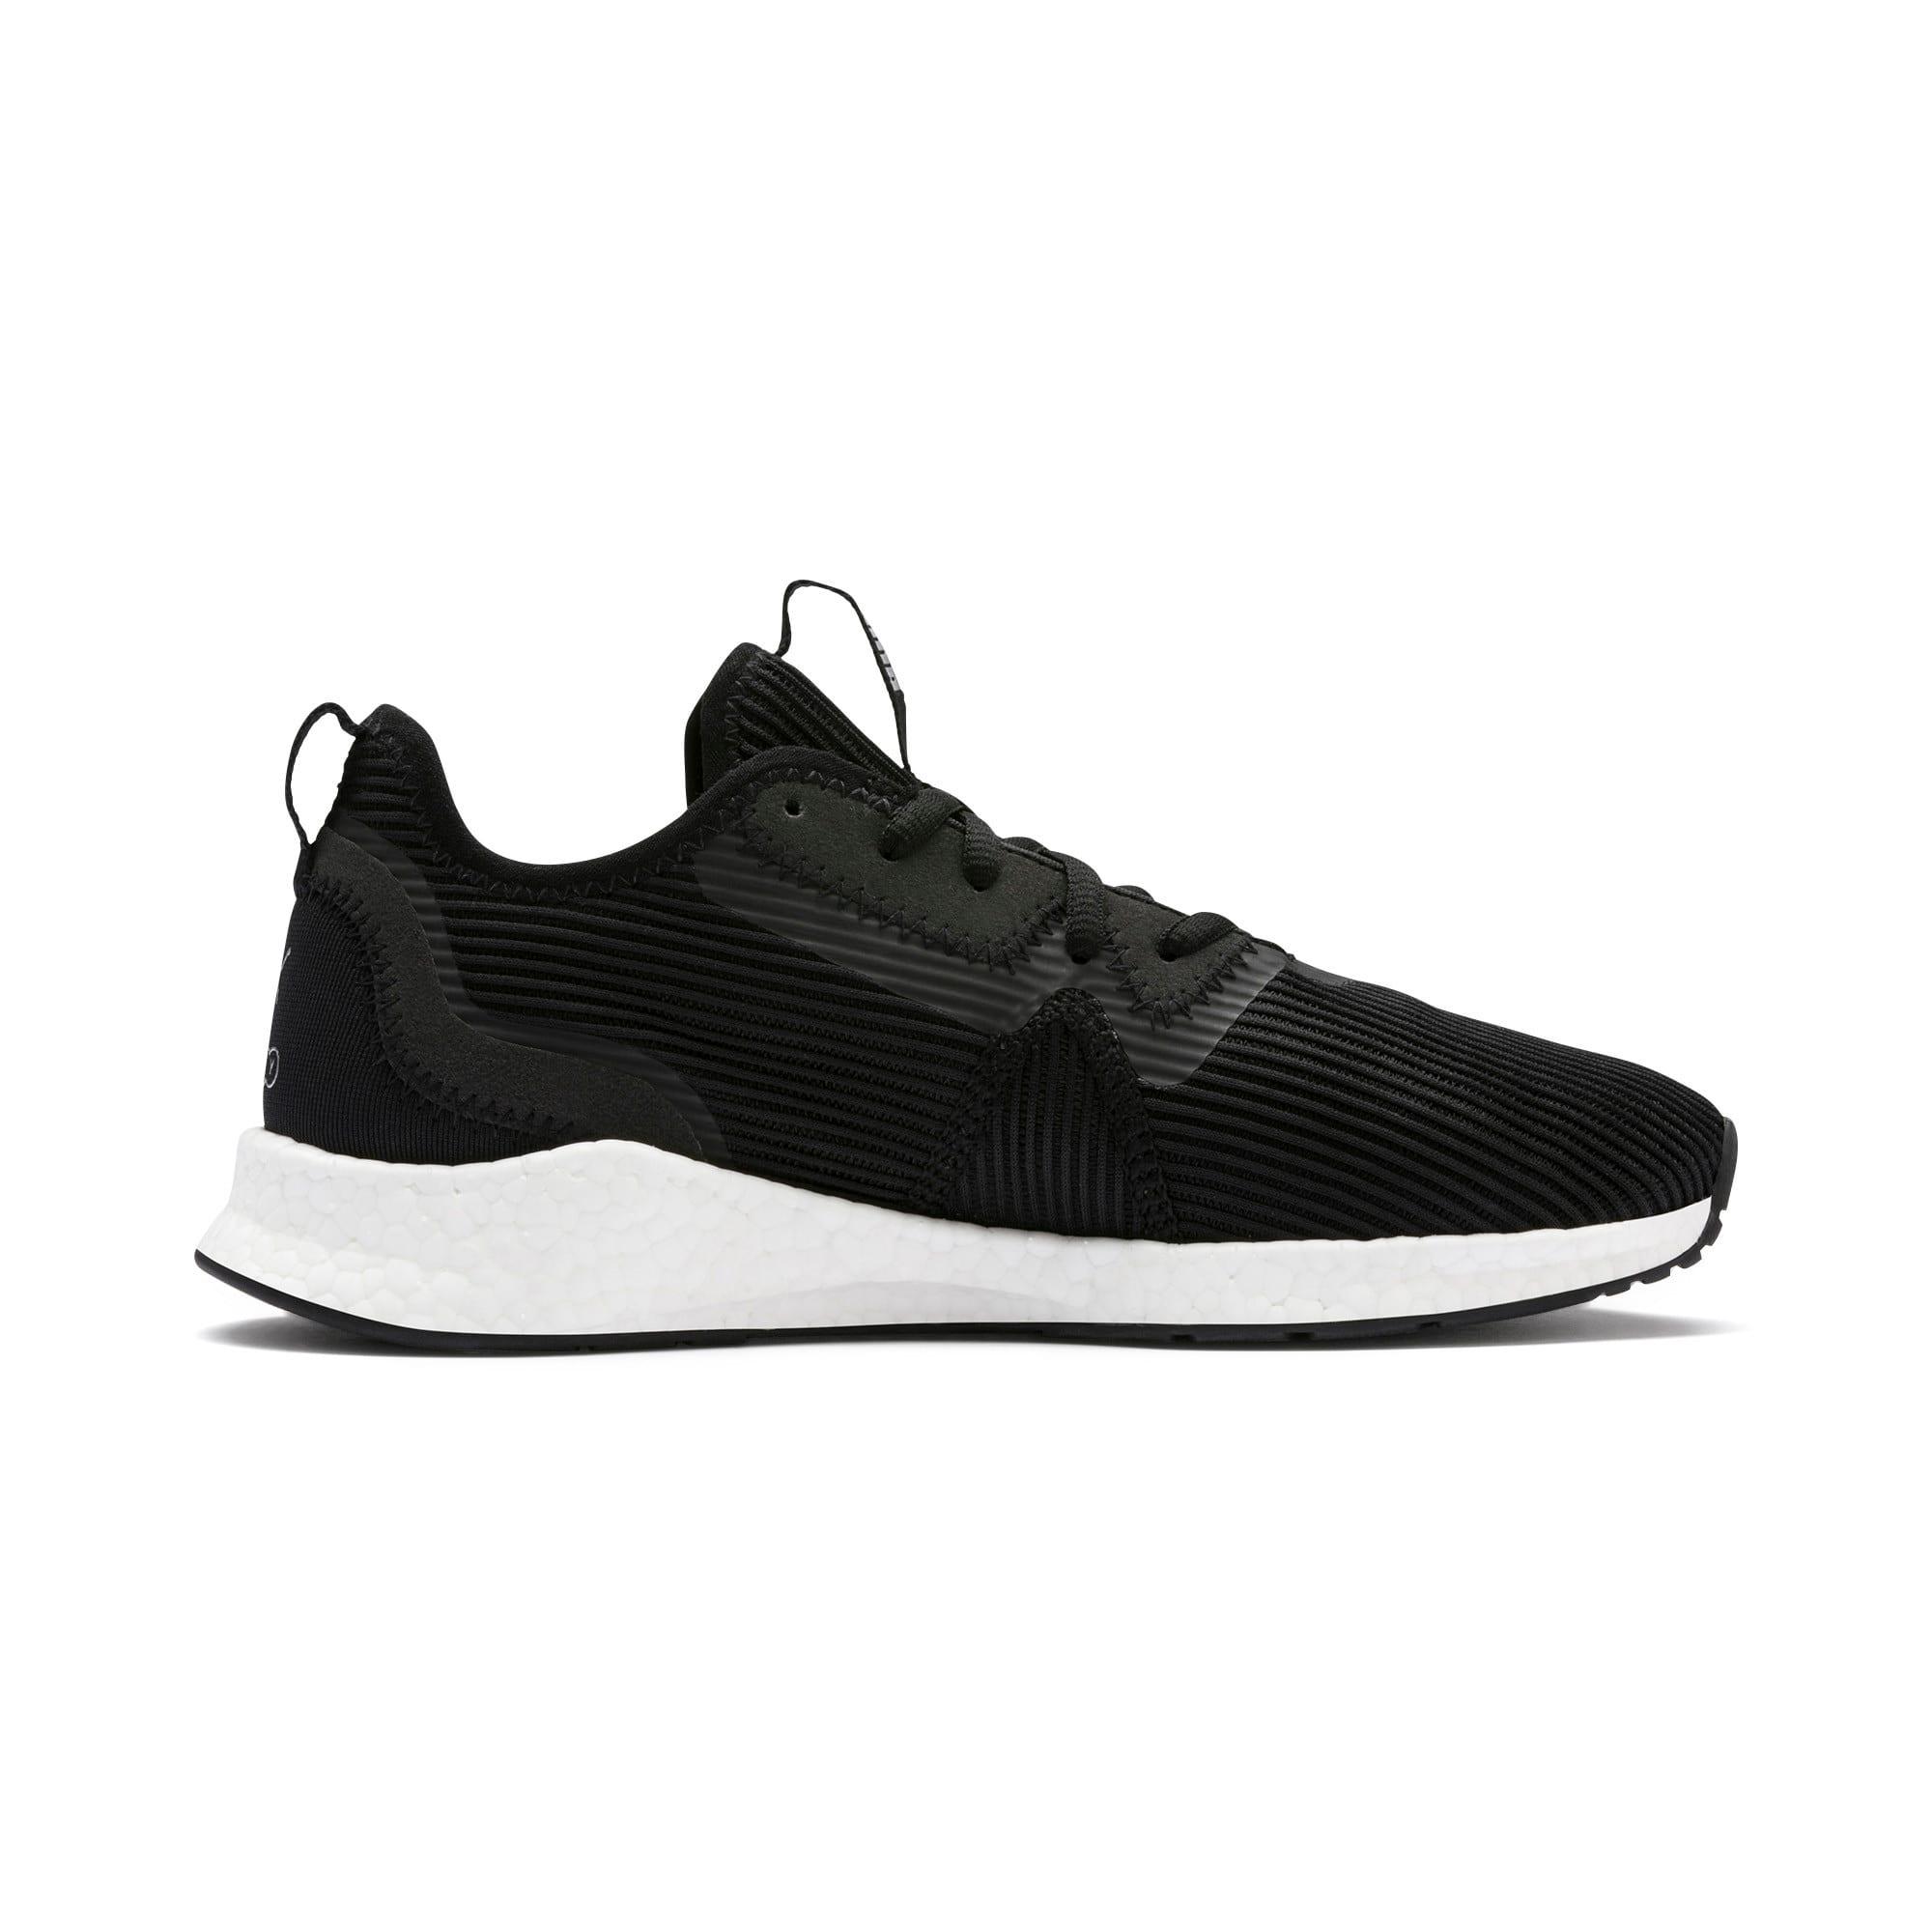 Thumbnail 6 of NRGY Star Femme Women's Running Shoes, Black-Silver-White, medium